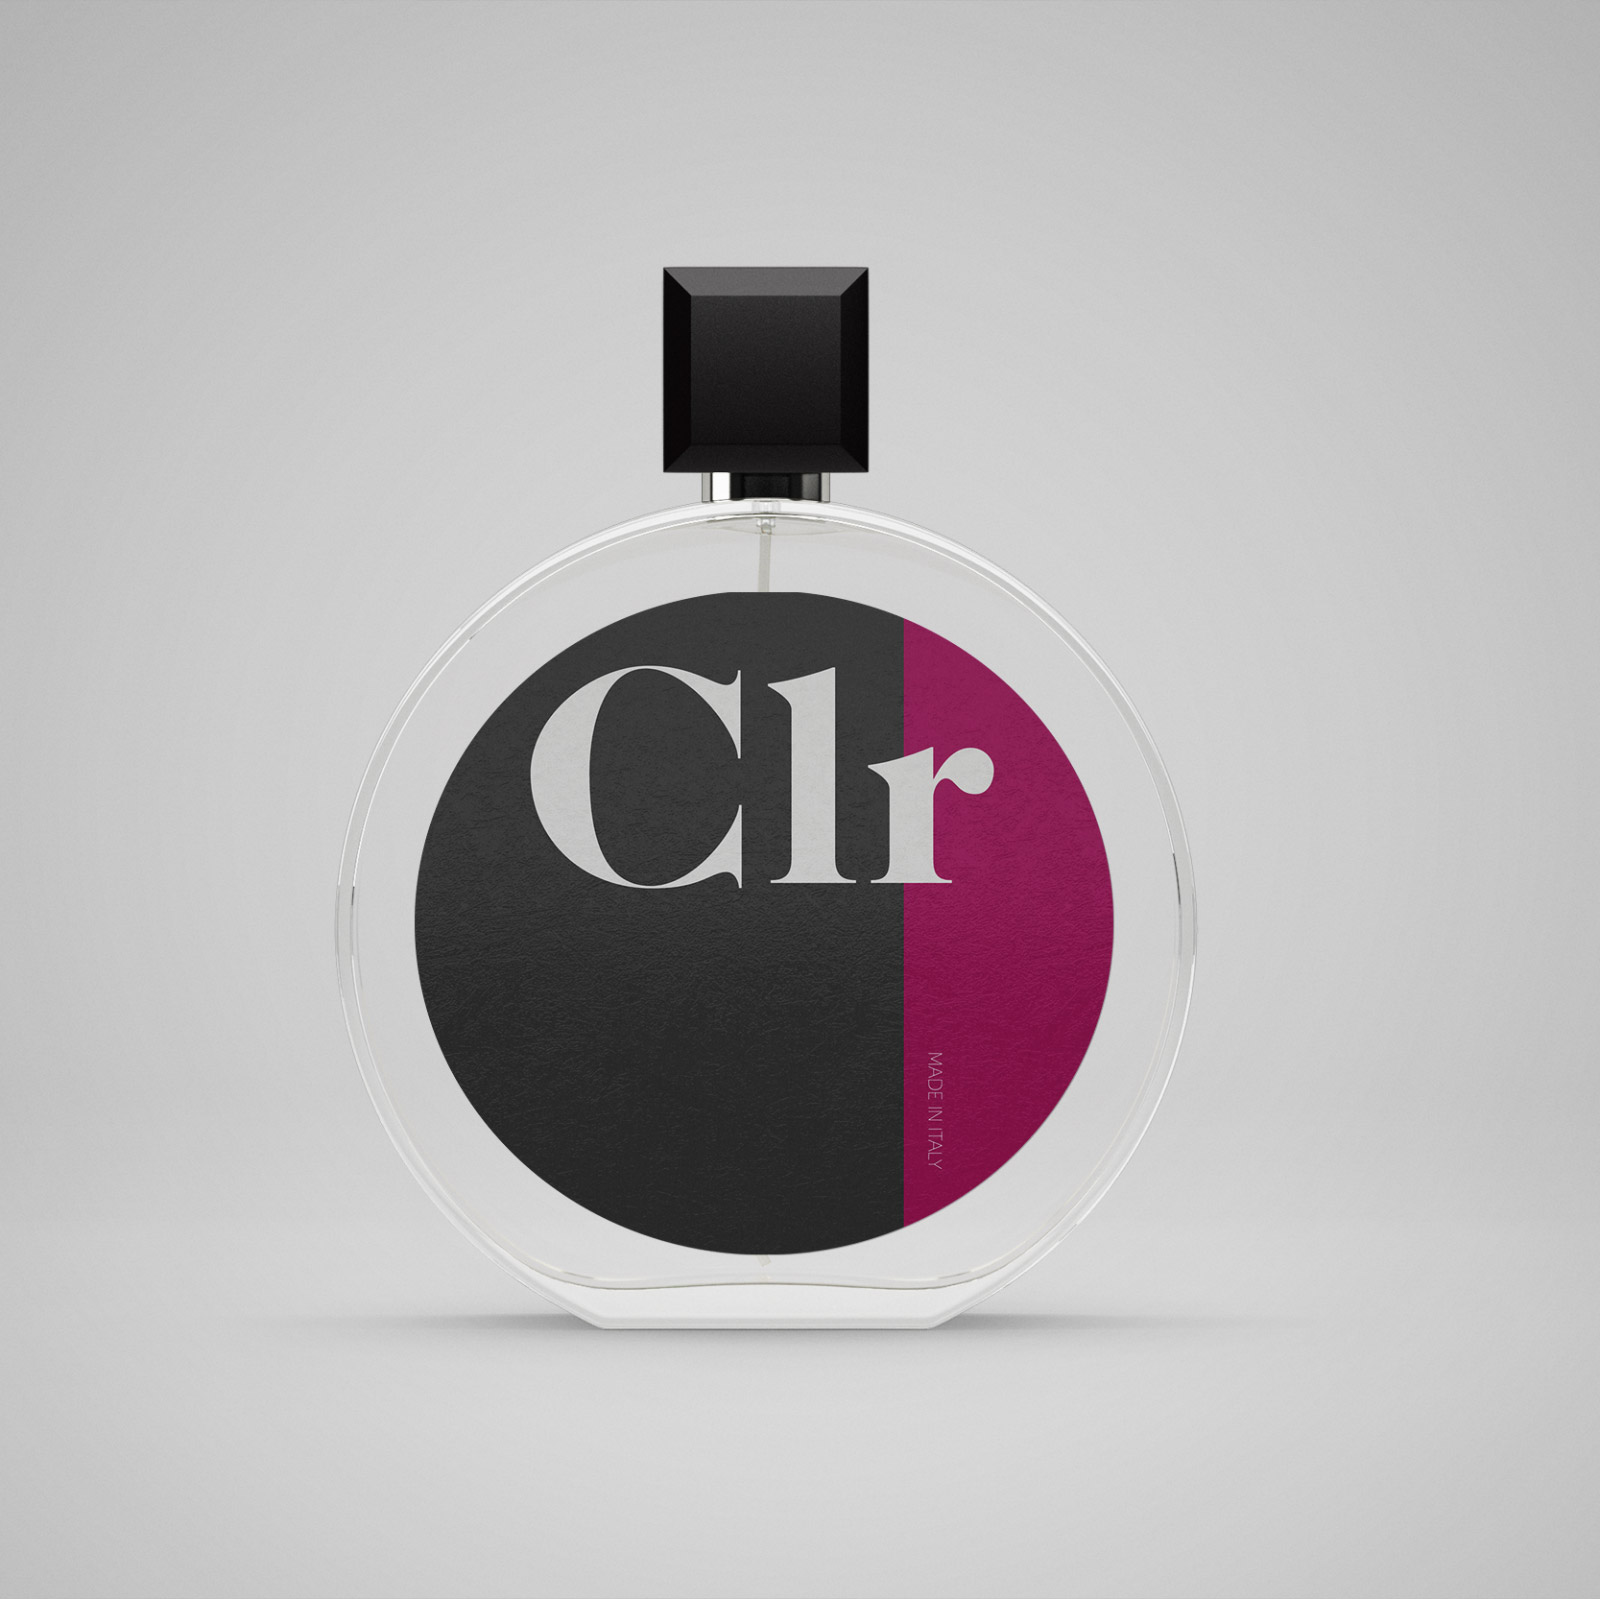 Premium Perfume labels